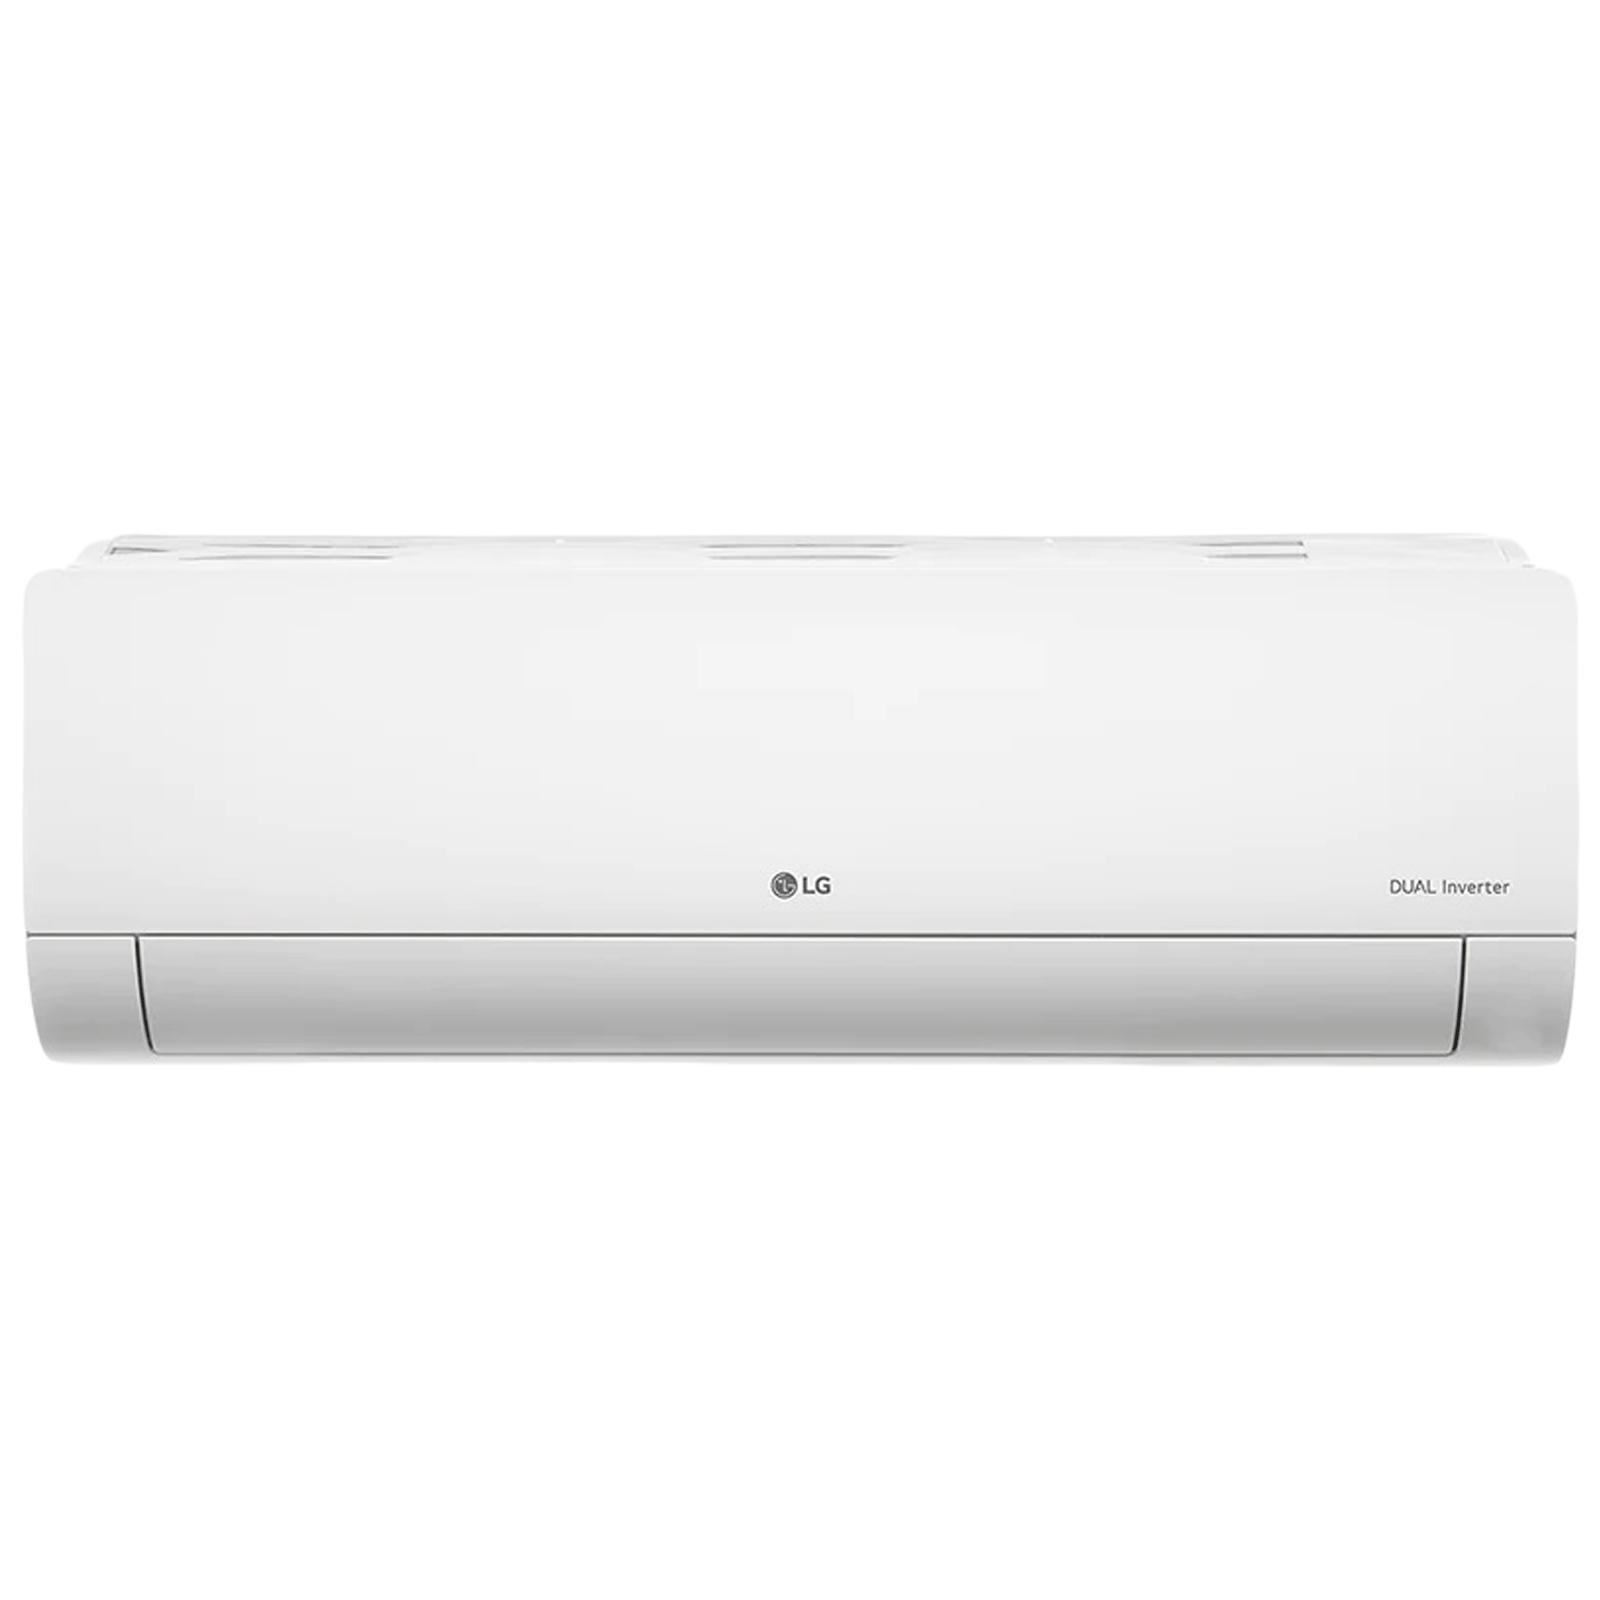 LG 1 Ton 3 Star Inverter Split AC (Copper Condenser, MSQ-12CNXA, White)_1